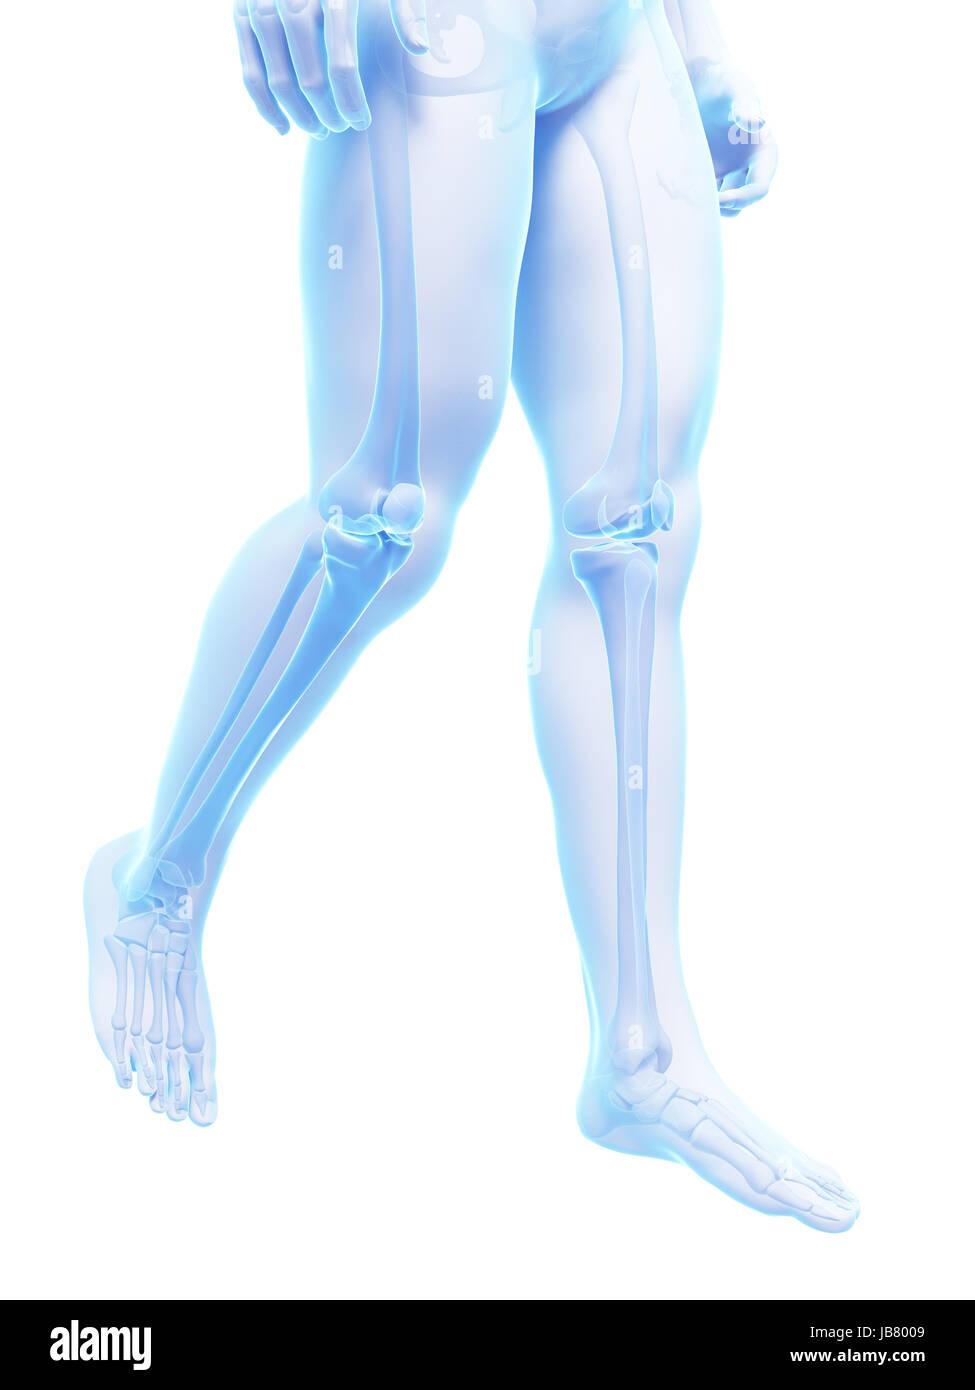 Großzügig Skelettsystem Beine Zeitgenössisch - Menschliche Anatomie ...